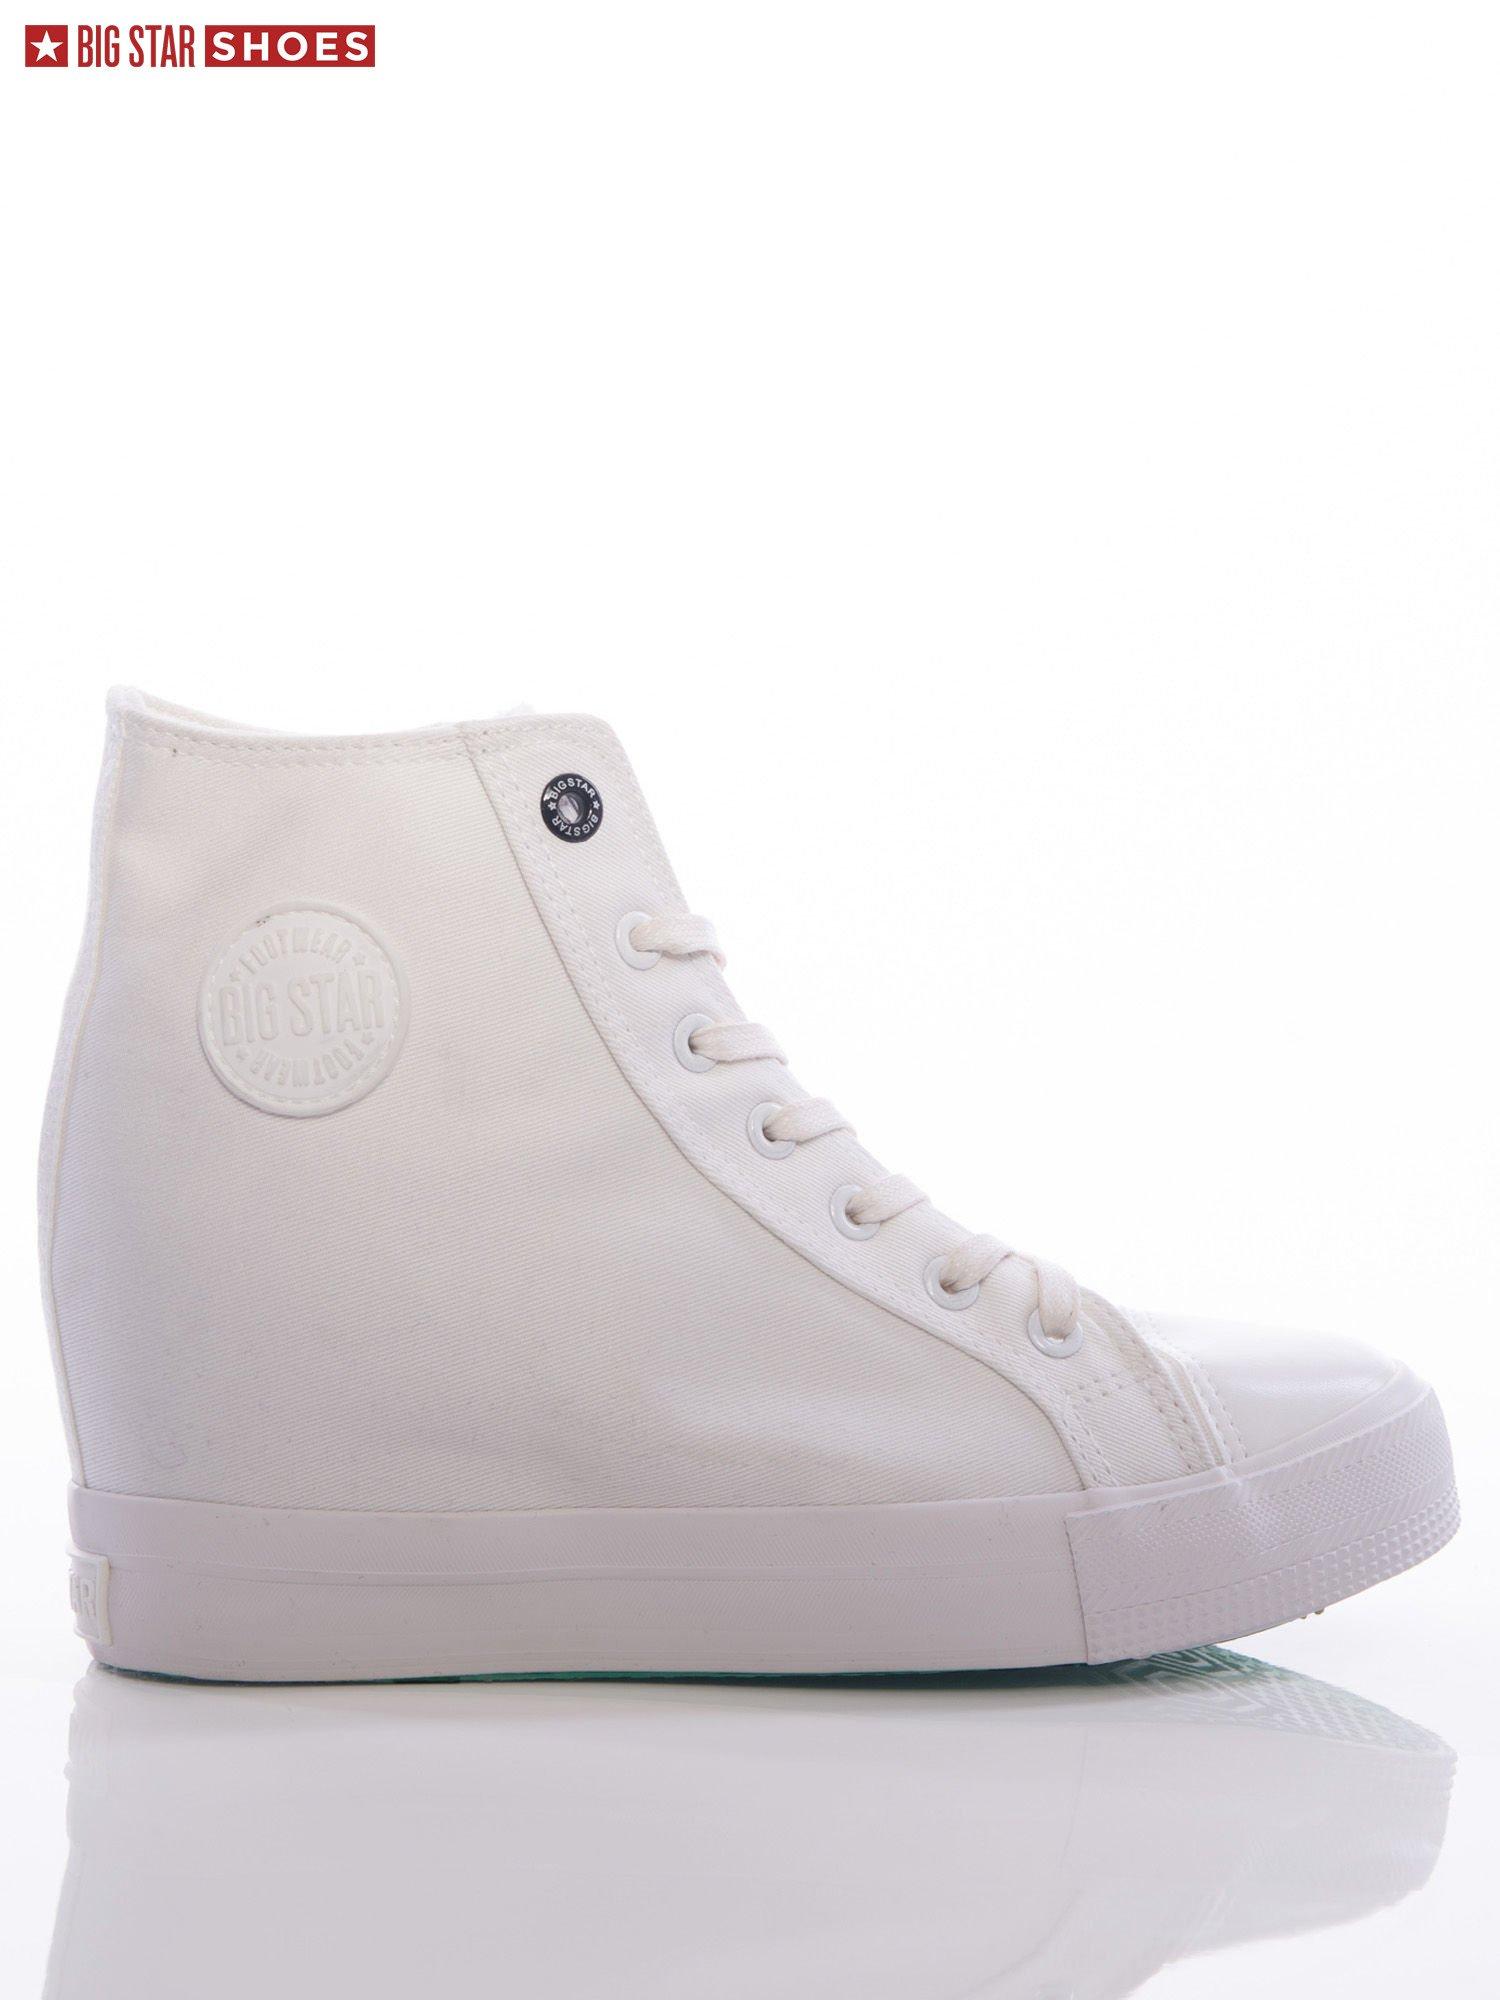 15319192 Białe gładkie sneakresy Big Star z cholewką za kostkę - Buty Sneakersy -  sklep eButik.pl